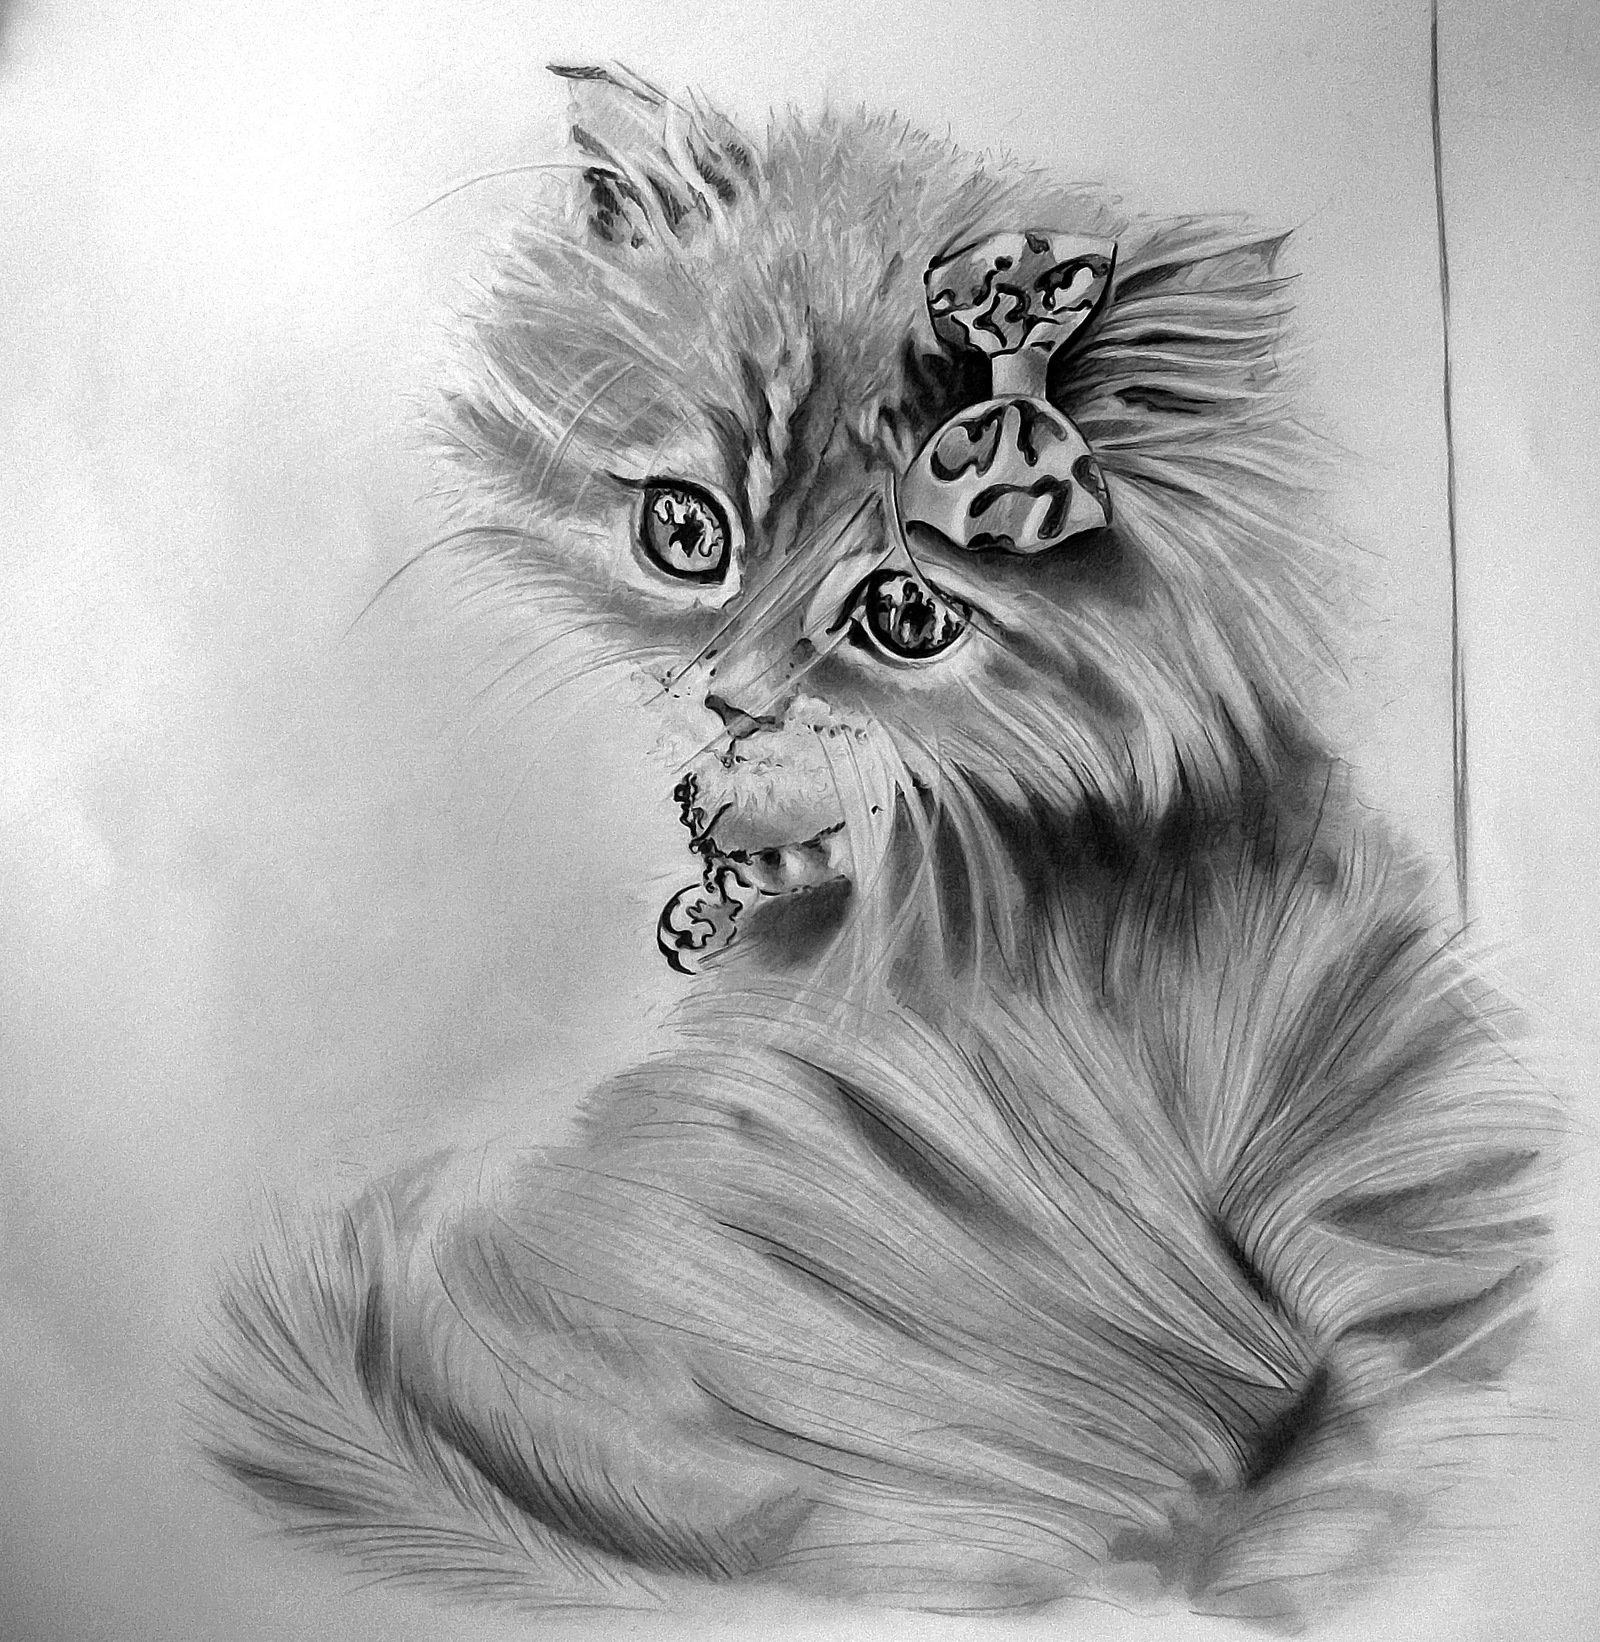 картинки как рисовать карандашом на лджи точно они реальны